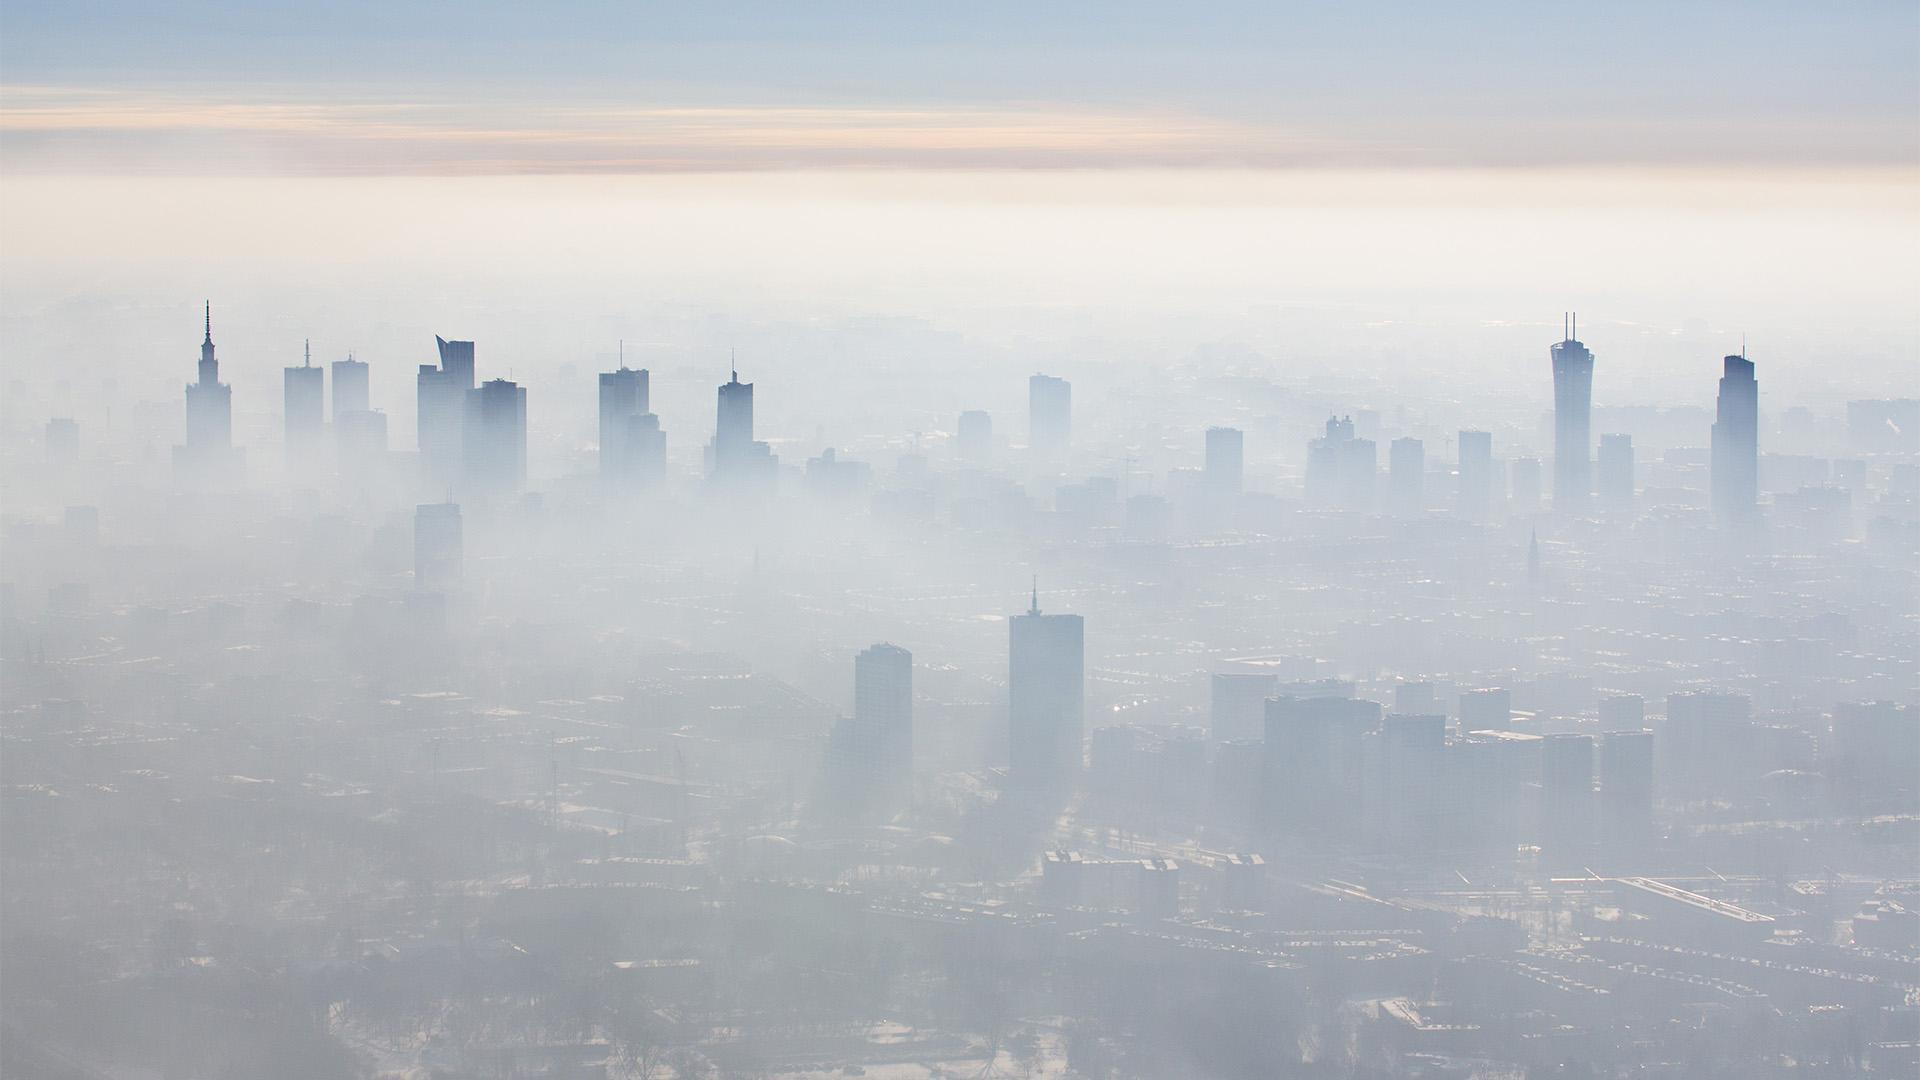 smog w warszawie 0 - Smog w Warszawie - czy od zeszłego roku coś się zmieniło?